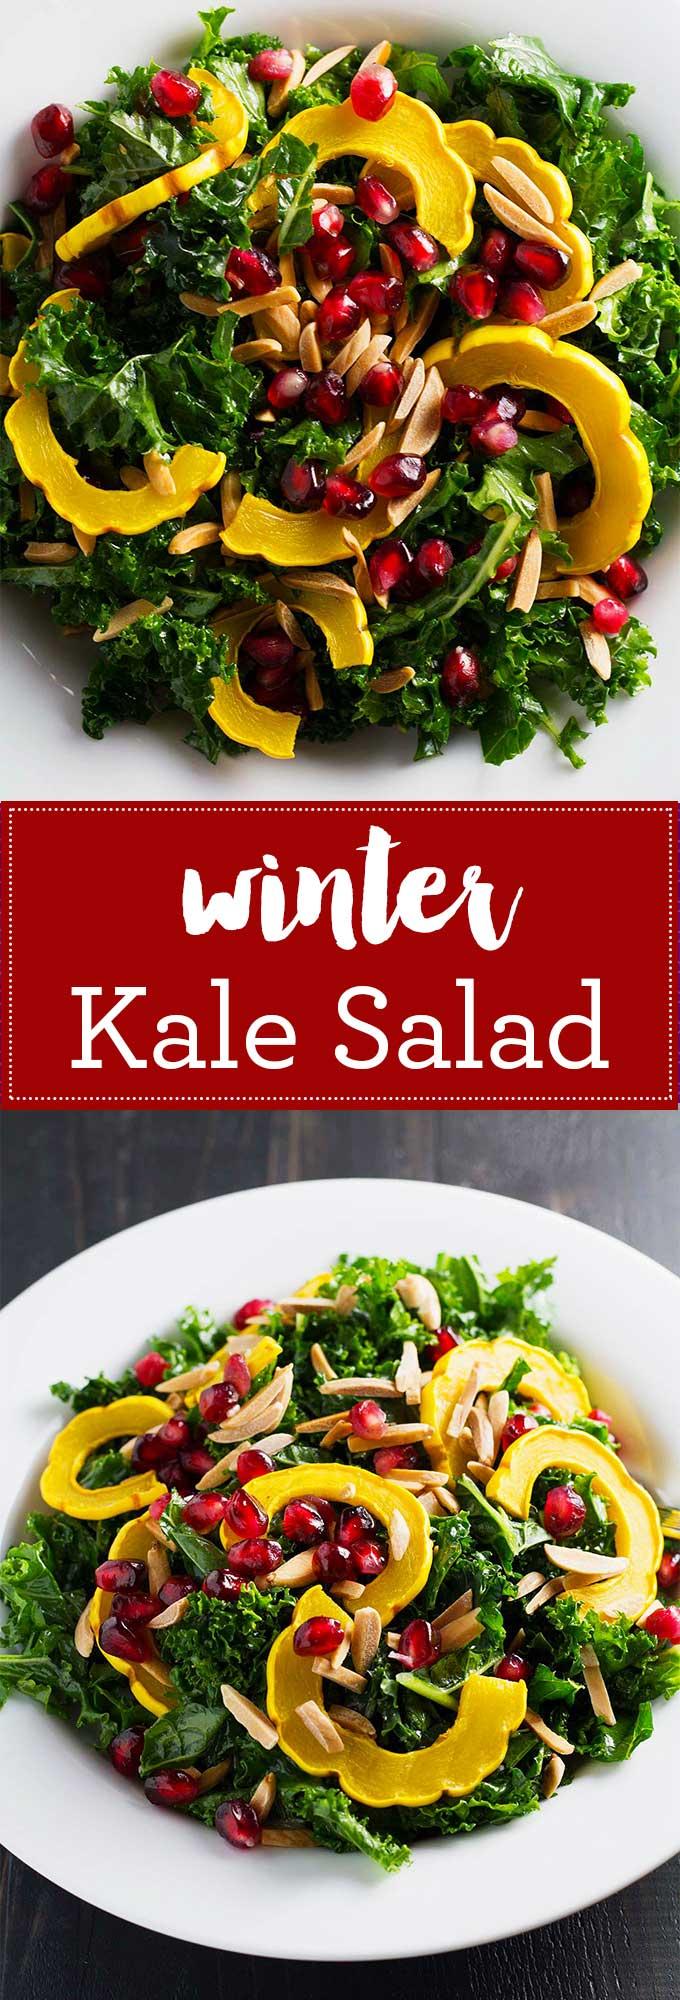 winter-kale-salad-pin